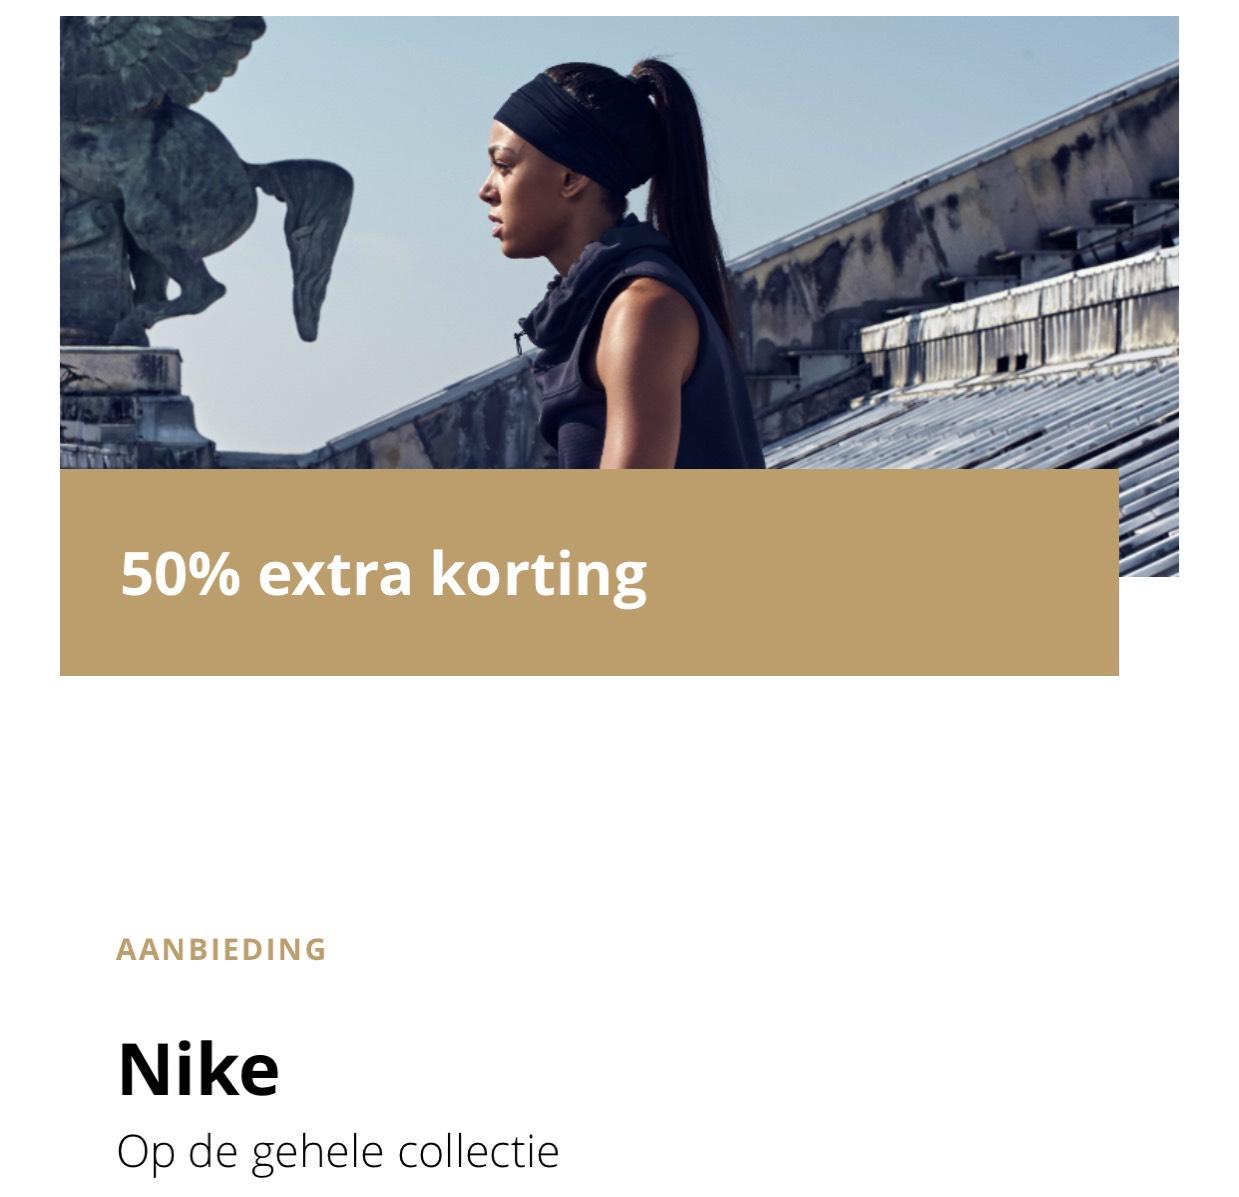 [lokaal] 50% extra korting op alles @Nike Factory Store Bataviastad